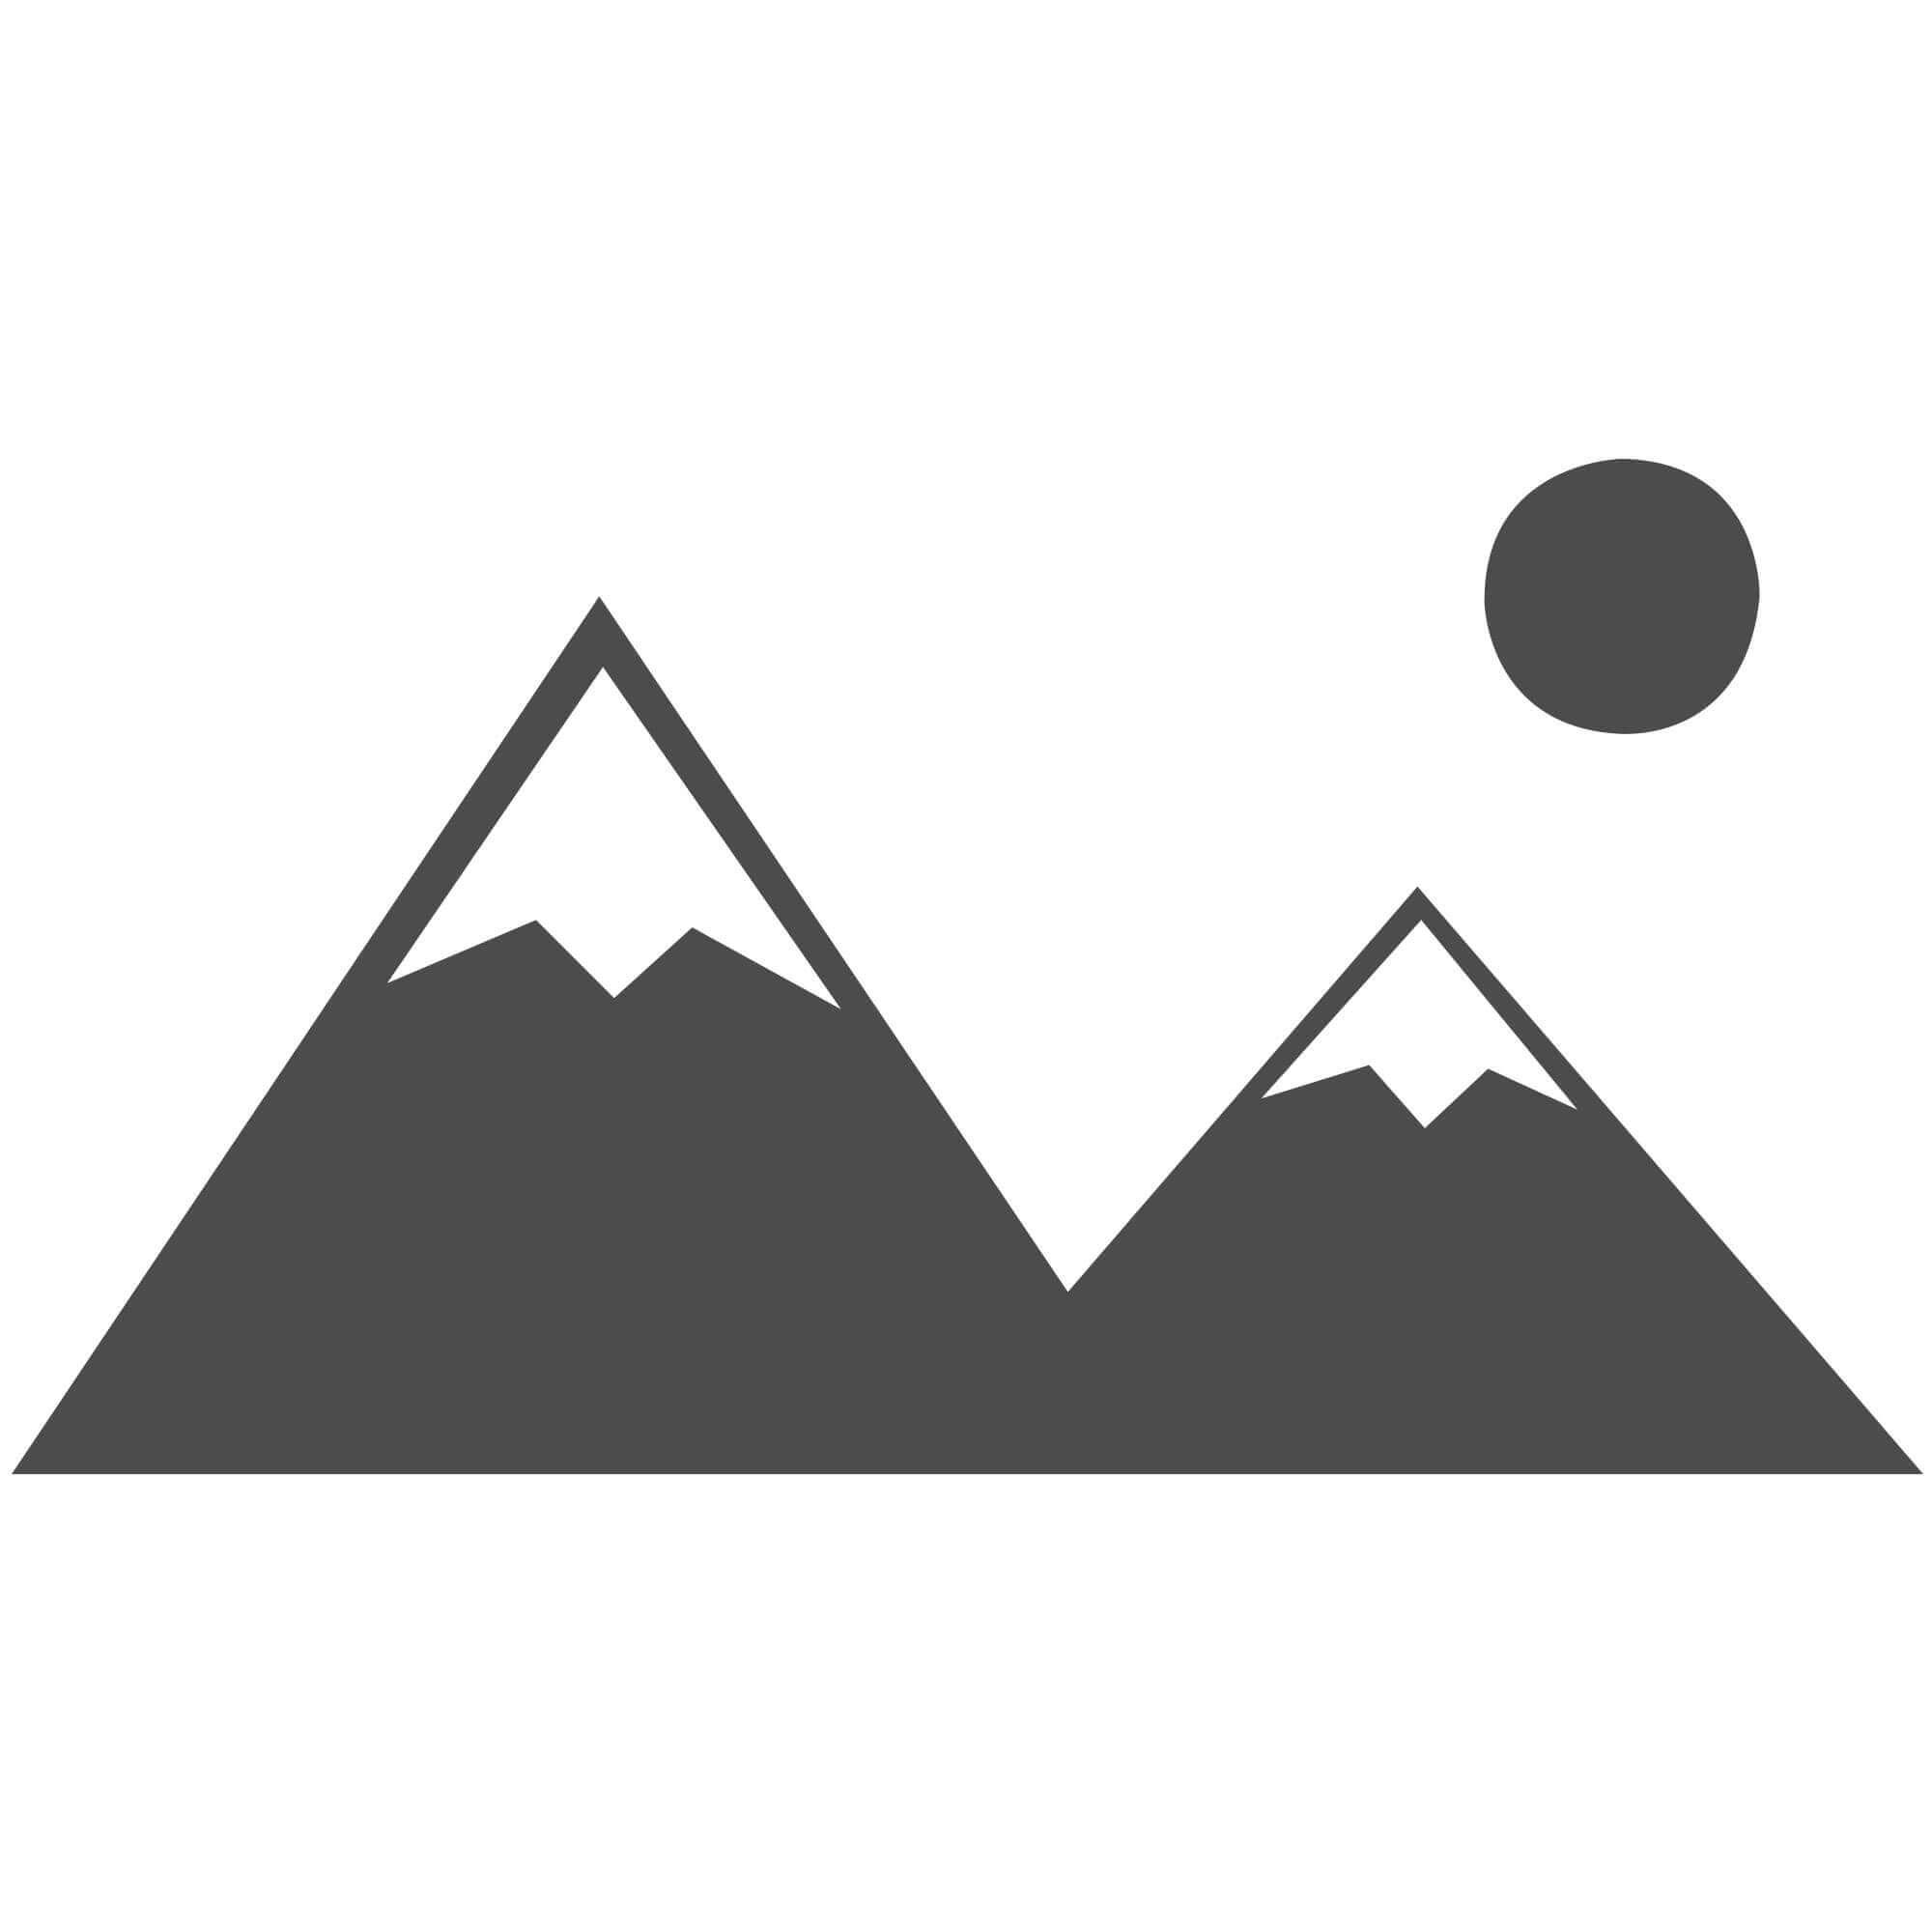 Griot Stripe Rug - Akadinda - KI802 Pepper-122 x 183 cm (4' x 6')